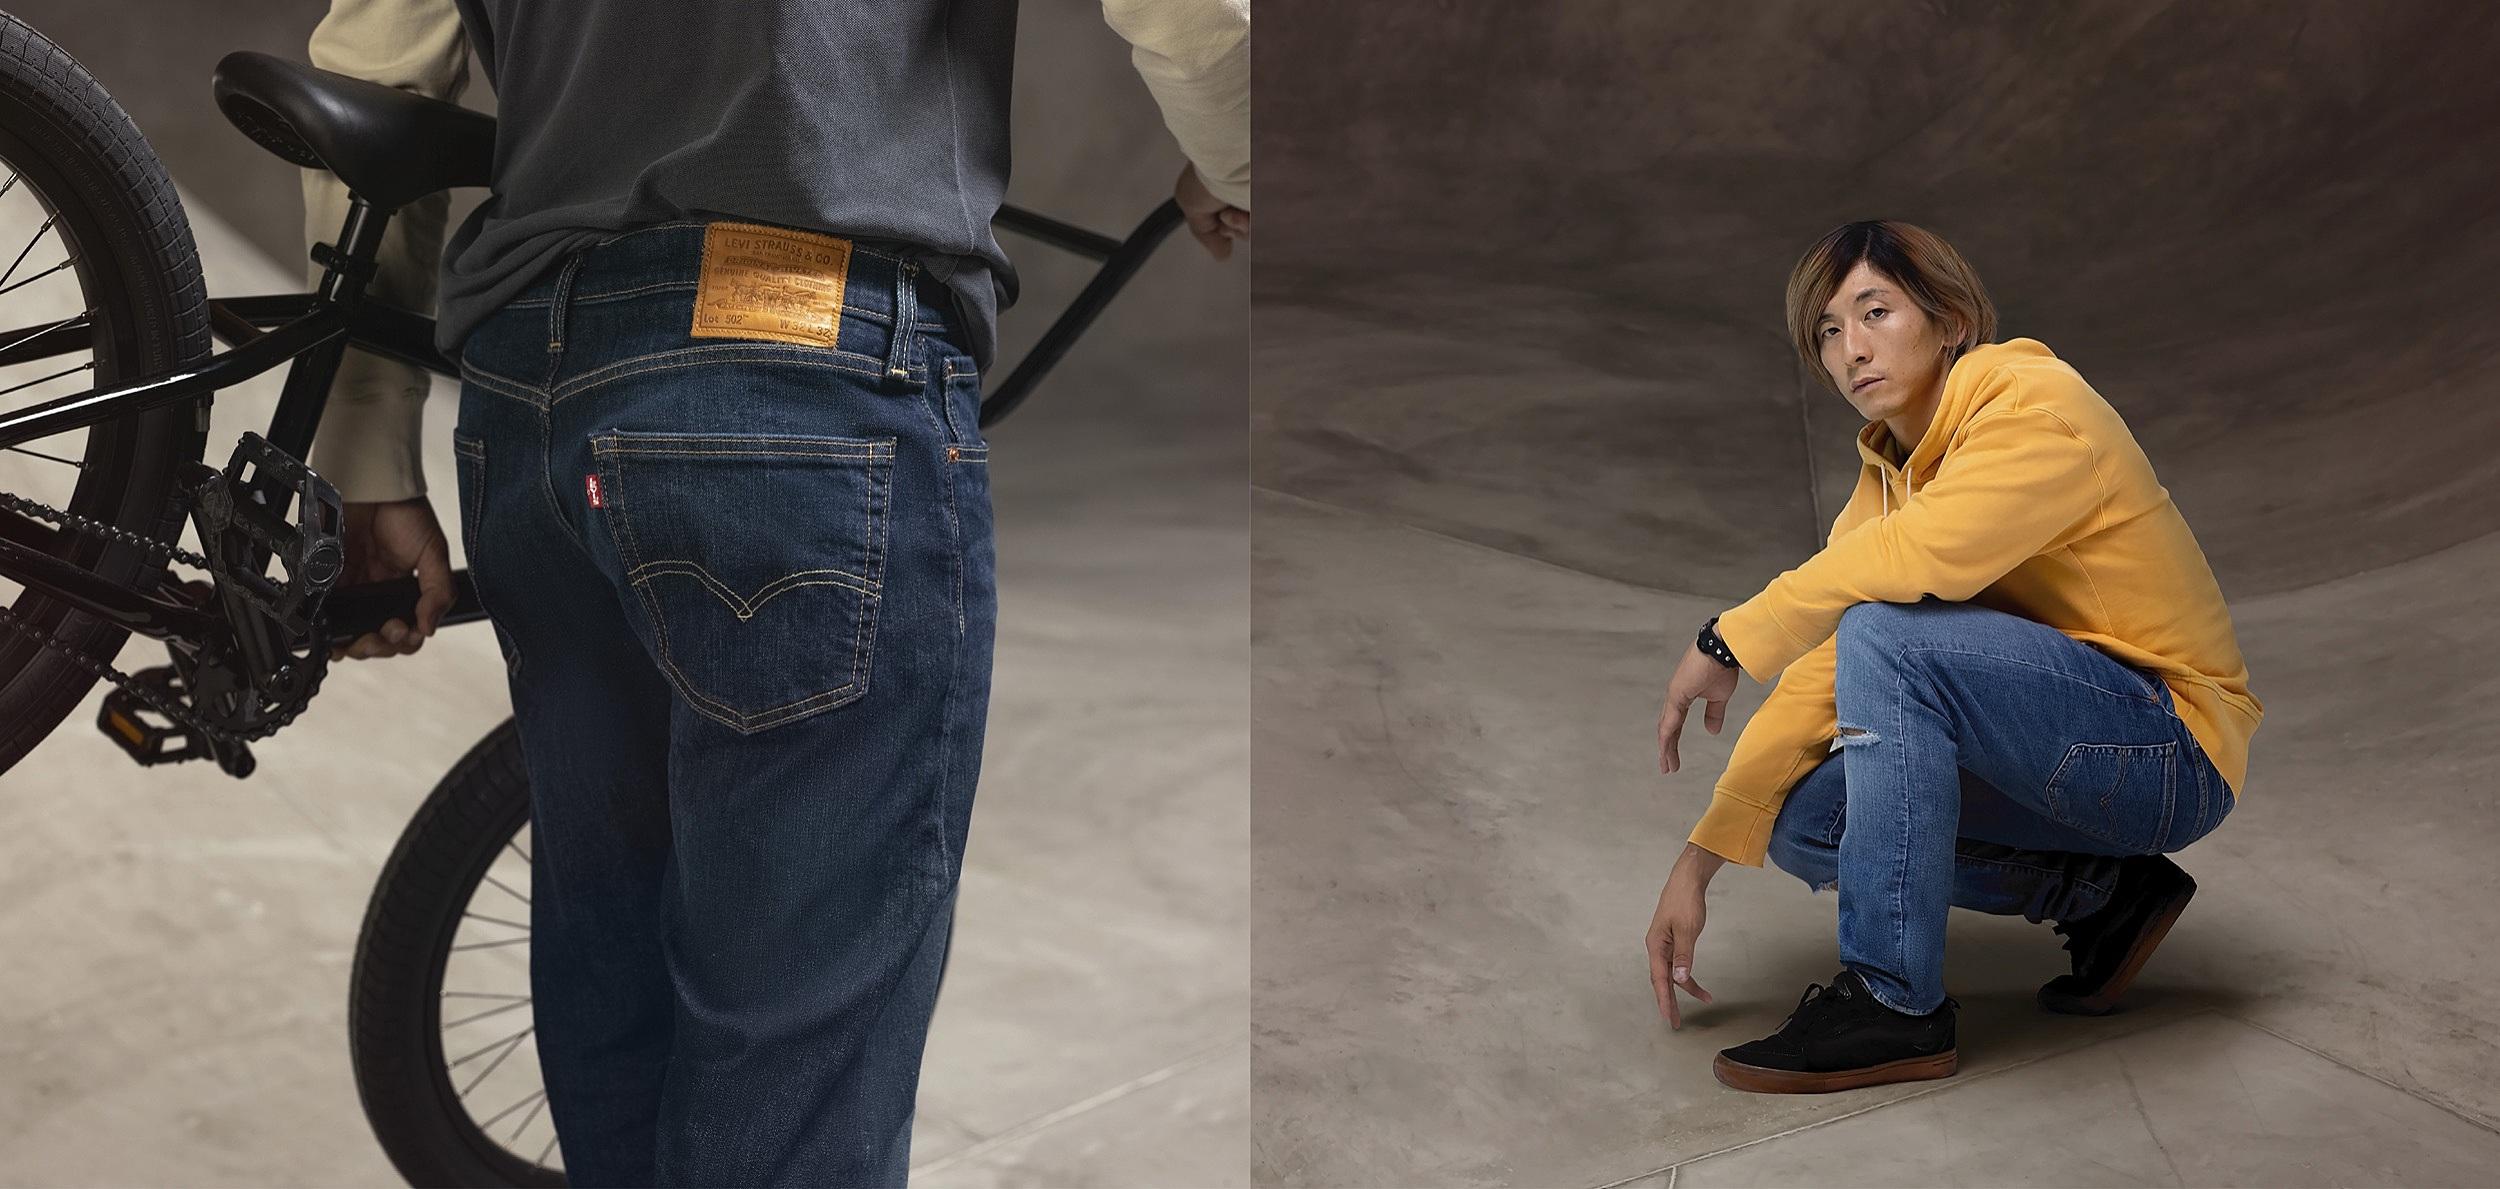 極限運動也能穿的丹寧褲! LEVI'S® 這回做了什麼?